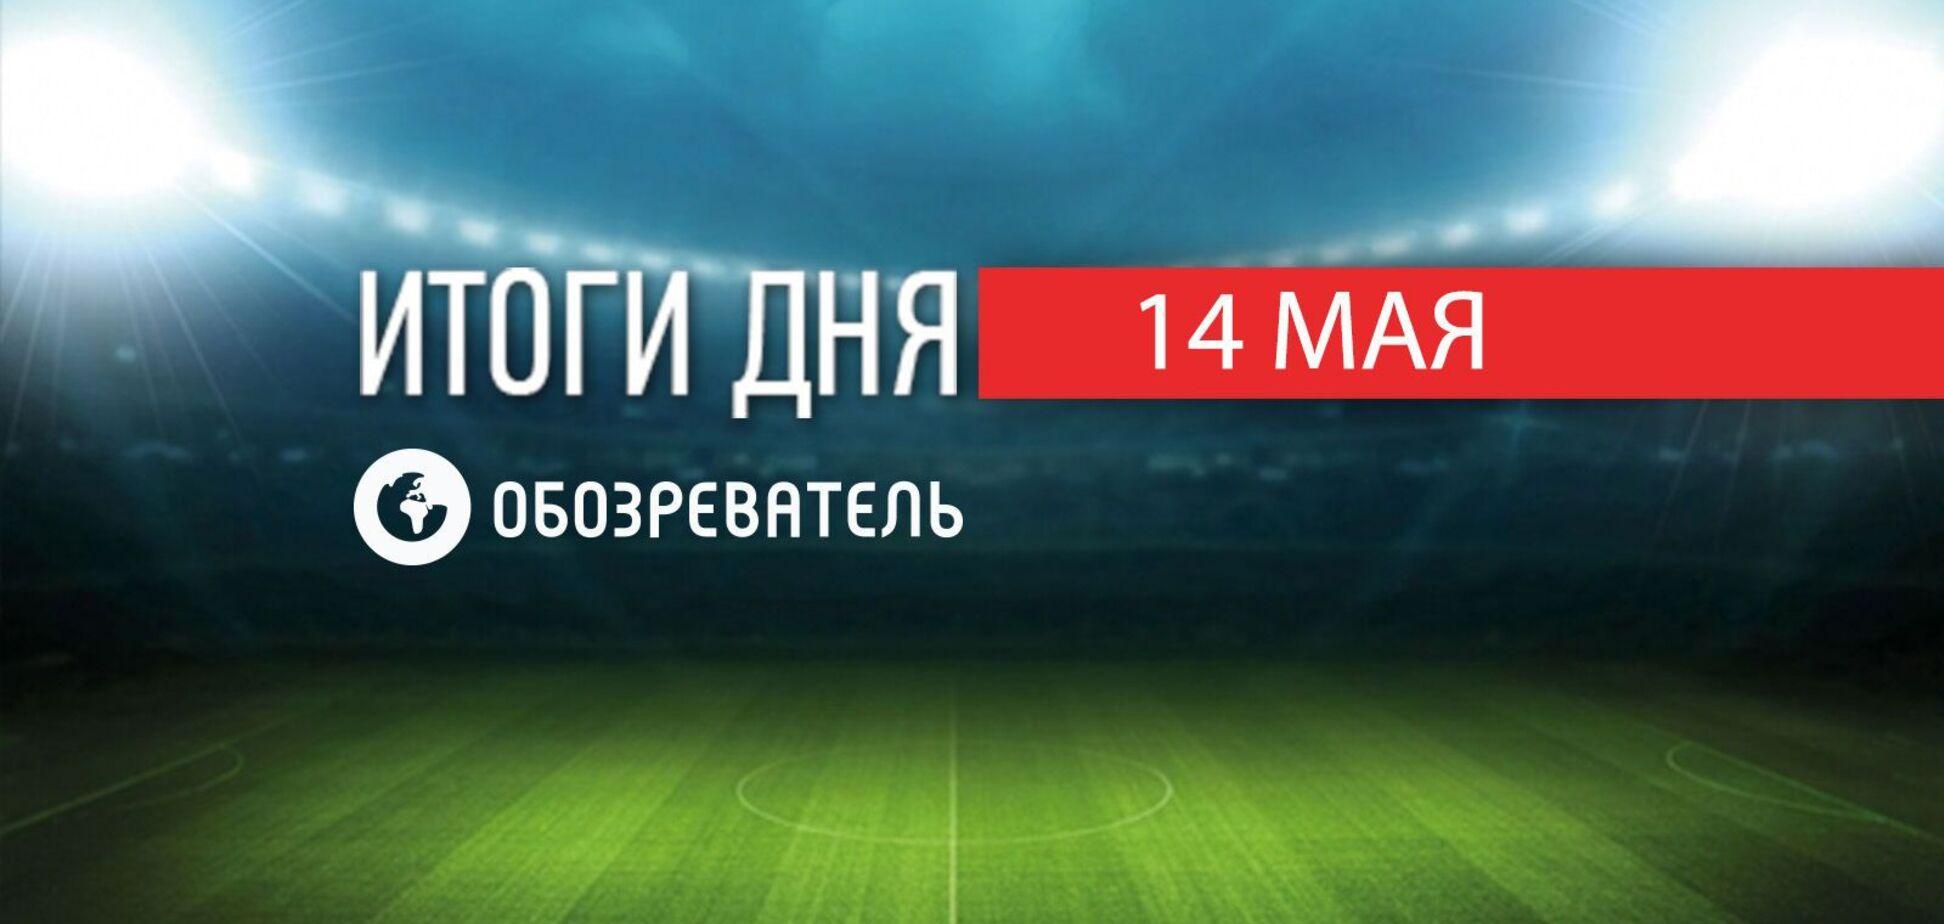 Успіхи Луческу в Києві викликали захват РосЗМI: спортивні підсумки 14 травня